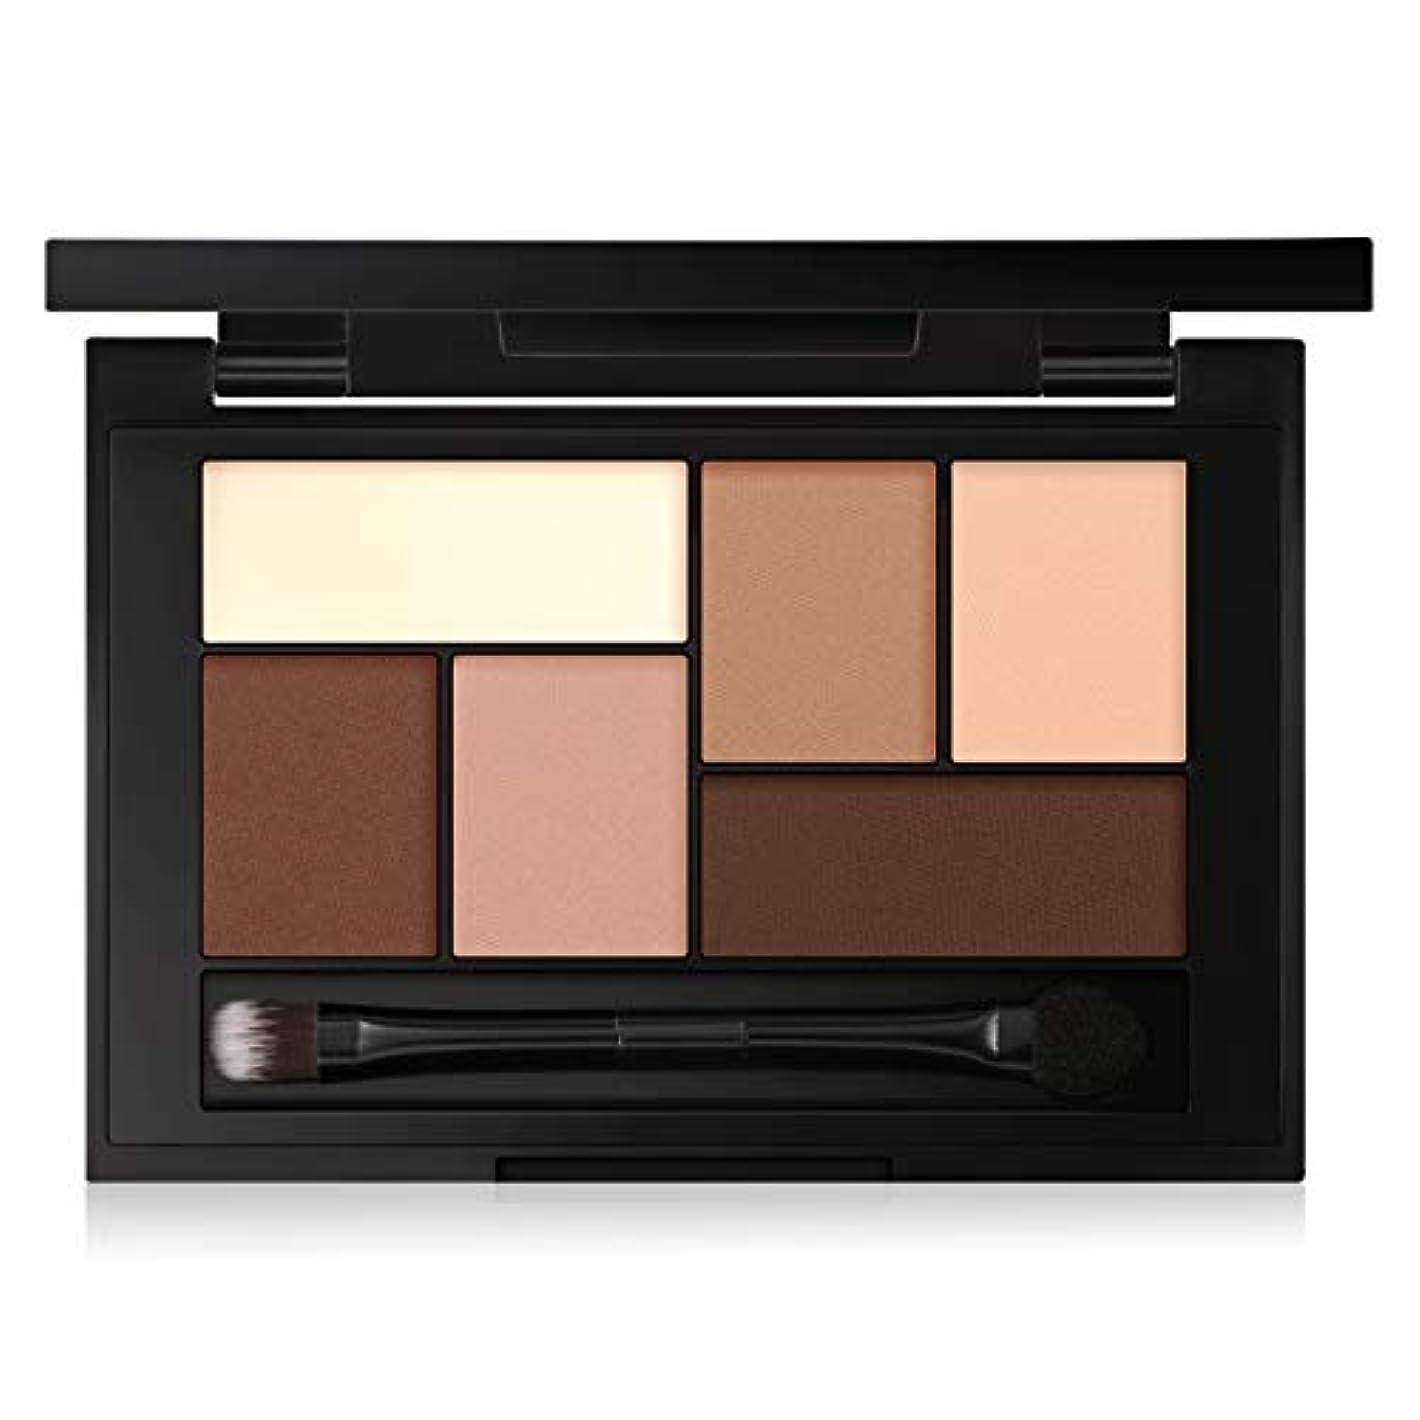 ガイドライン減る摩擦SACE LADY Eyeshadow Palette Highly Pigmented Matte and Shimmer Finish Eye Makeup 12g/0.4oz.